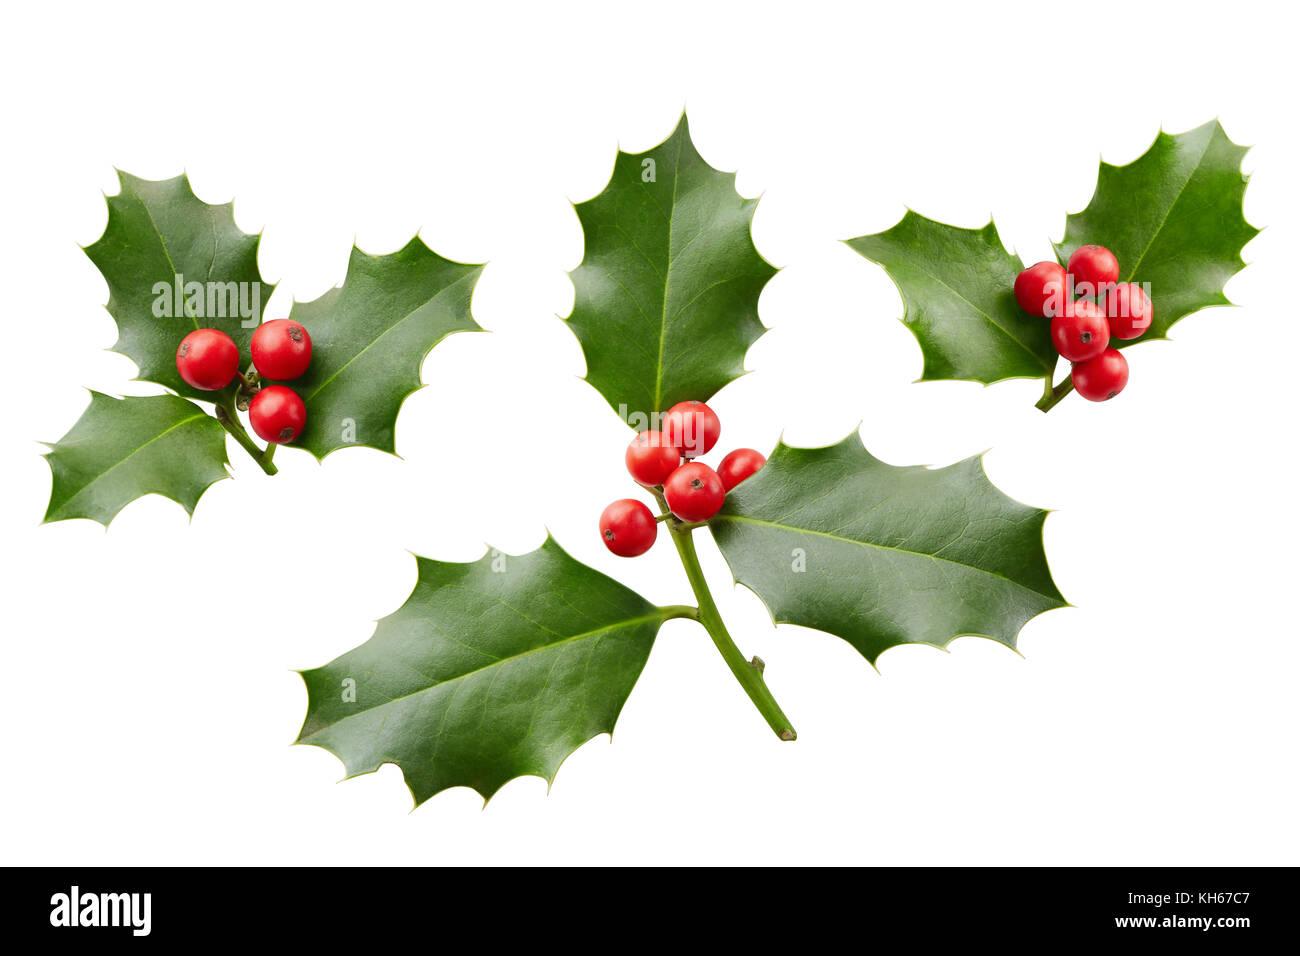 Natale agrifoglio con bacche rosse tradizionali for Agrifoglio immagini